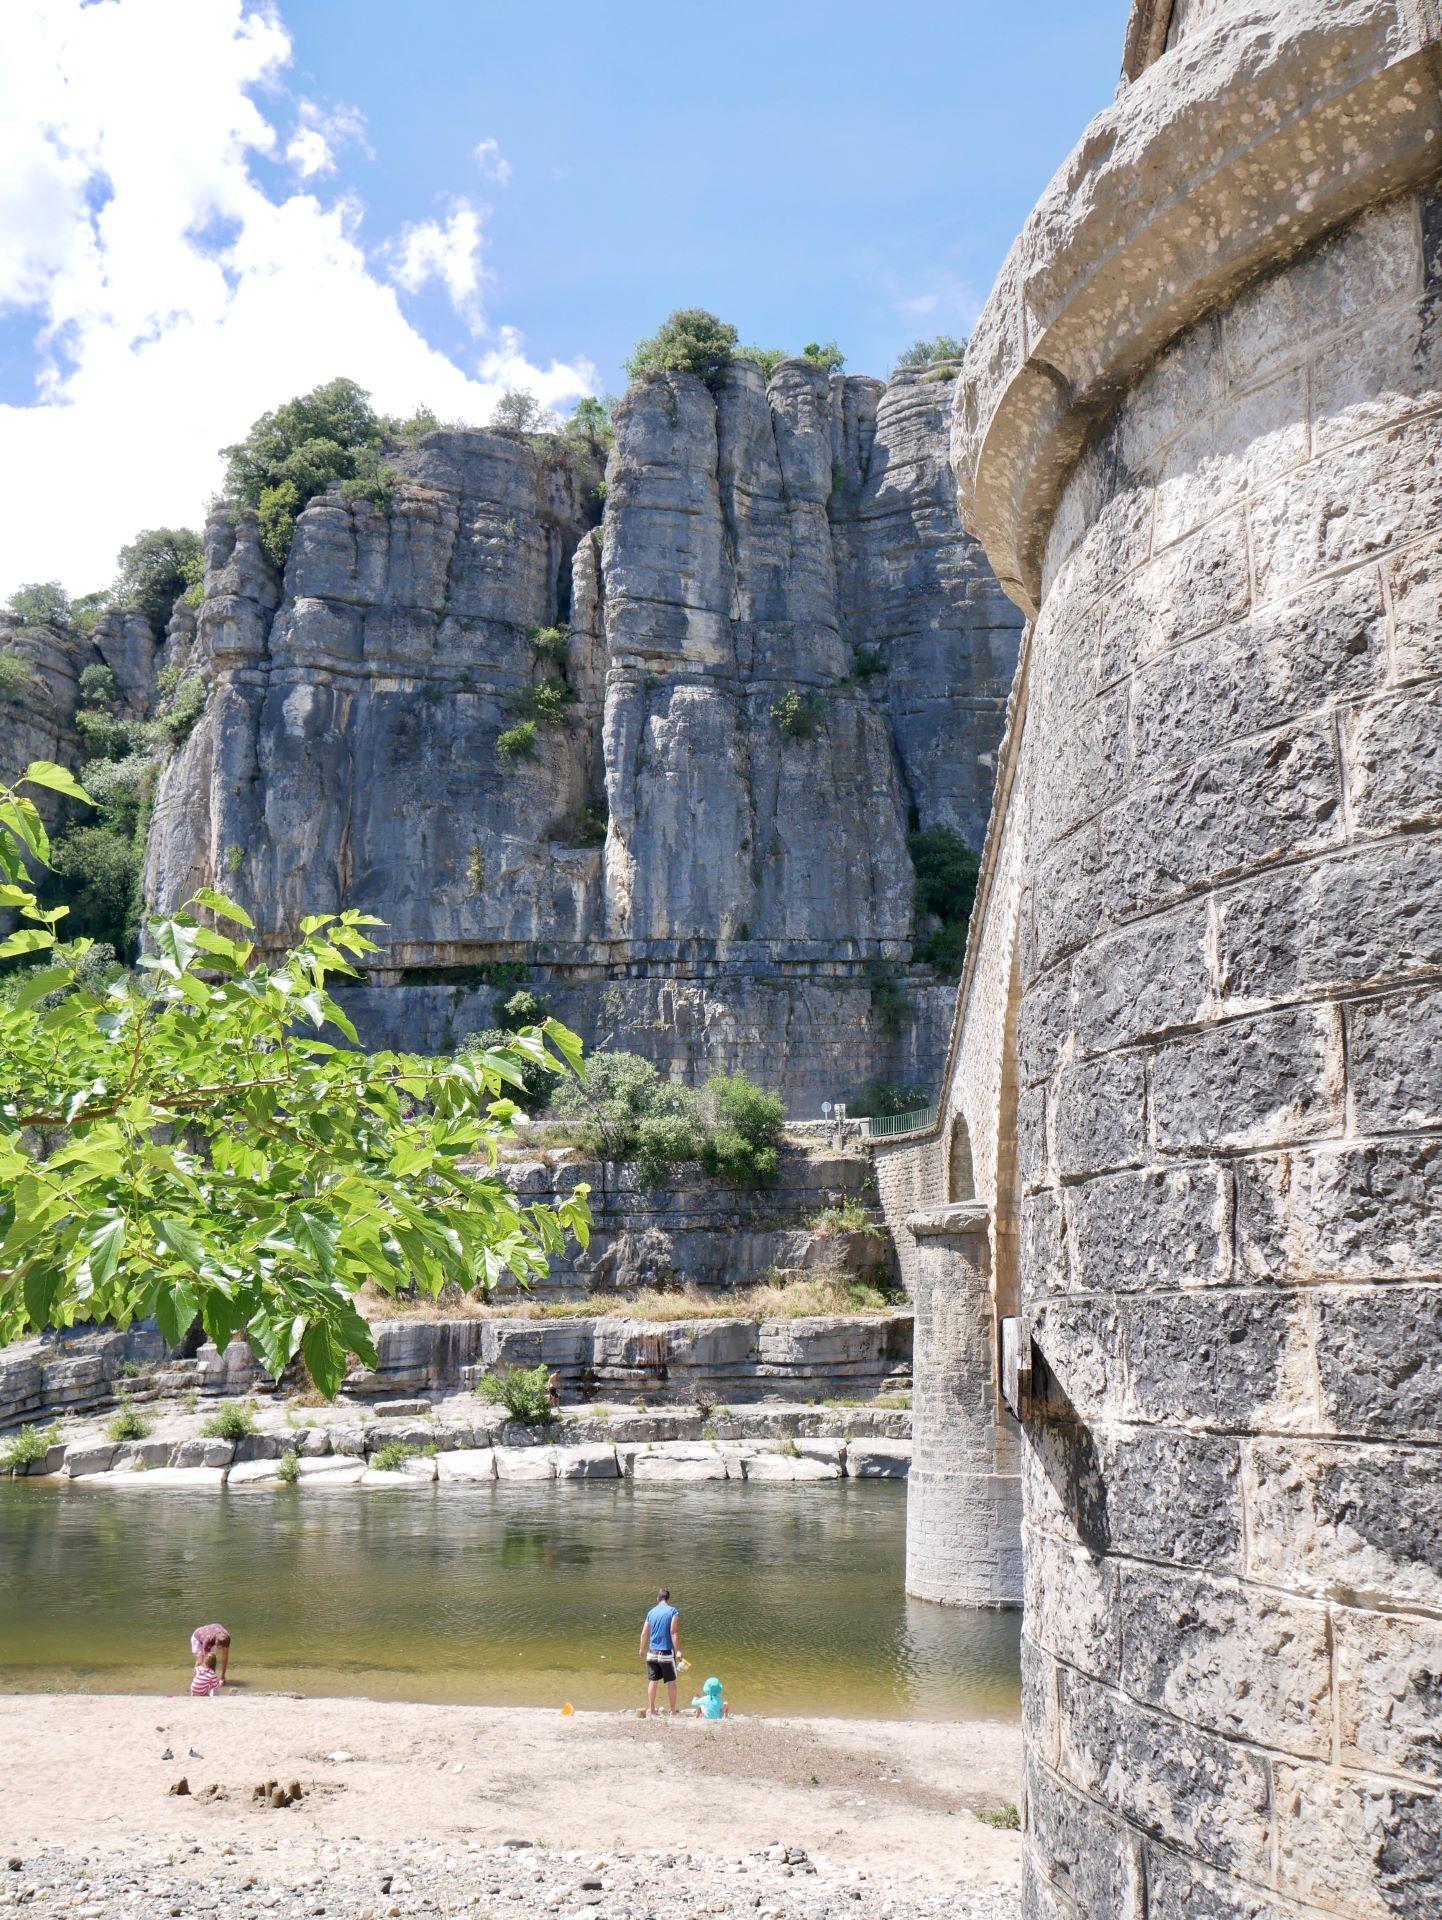 balade en Ardèche : Balazuc, pont traversant l'Ardèche